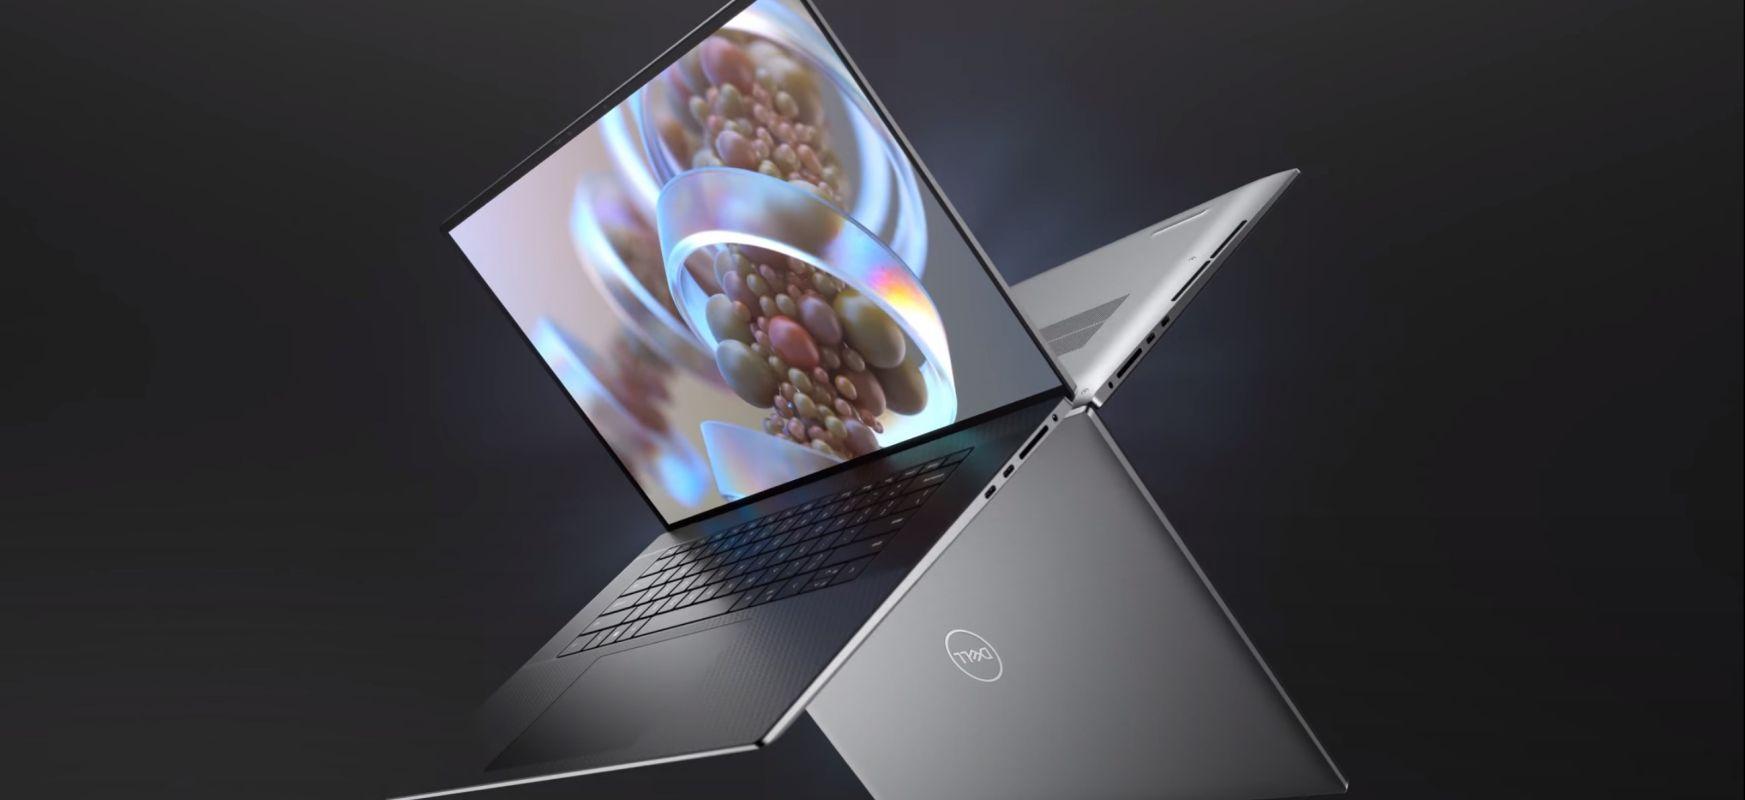 MacBook Pro 16-k artxibo berria du.  Eta bi ere bai.  Dell XPS 15 eta XPS 17 munduko gainerako aldean